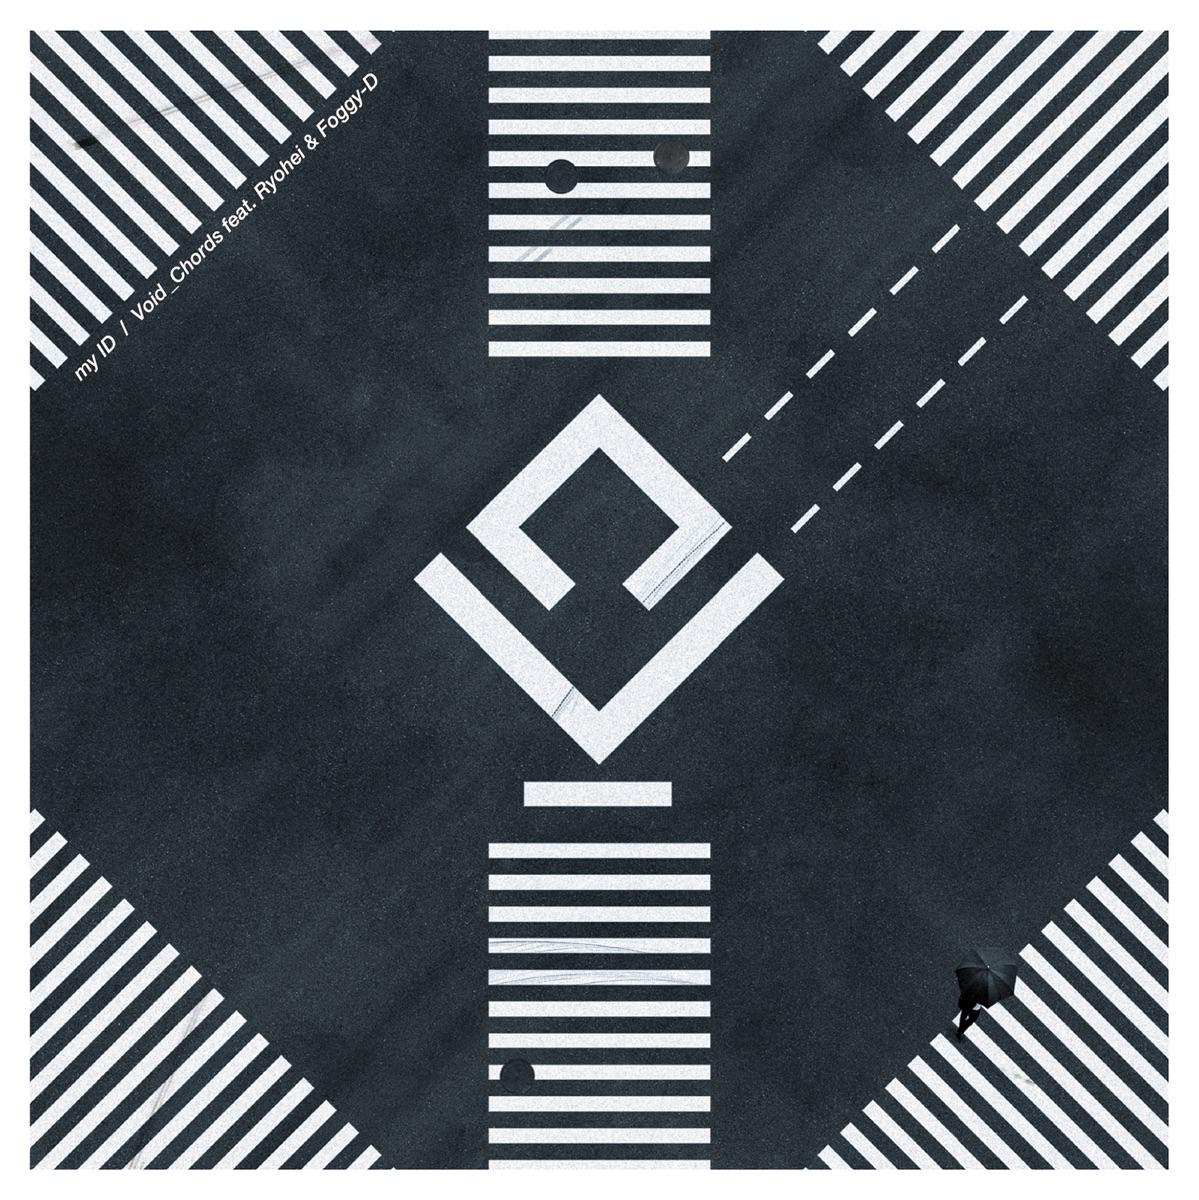 『Void_Chords feat. Ryohei & Foggy-D - my ID 歌詞』収録の『my ID』ジャケット